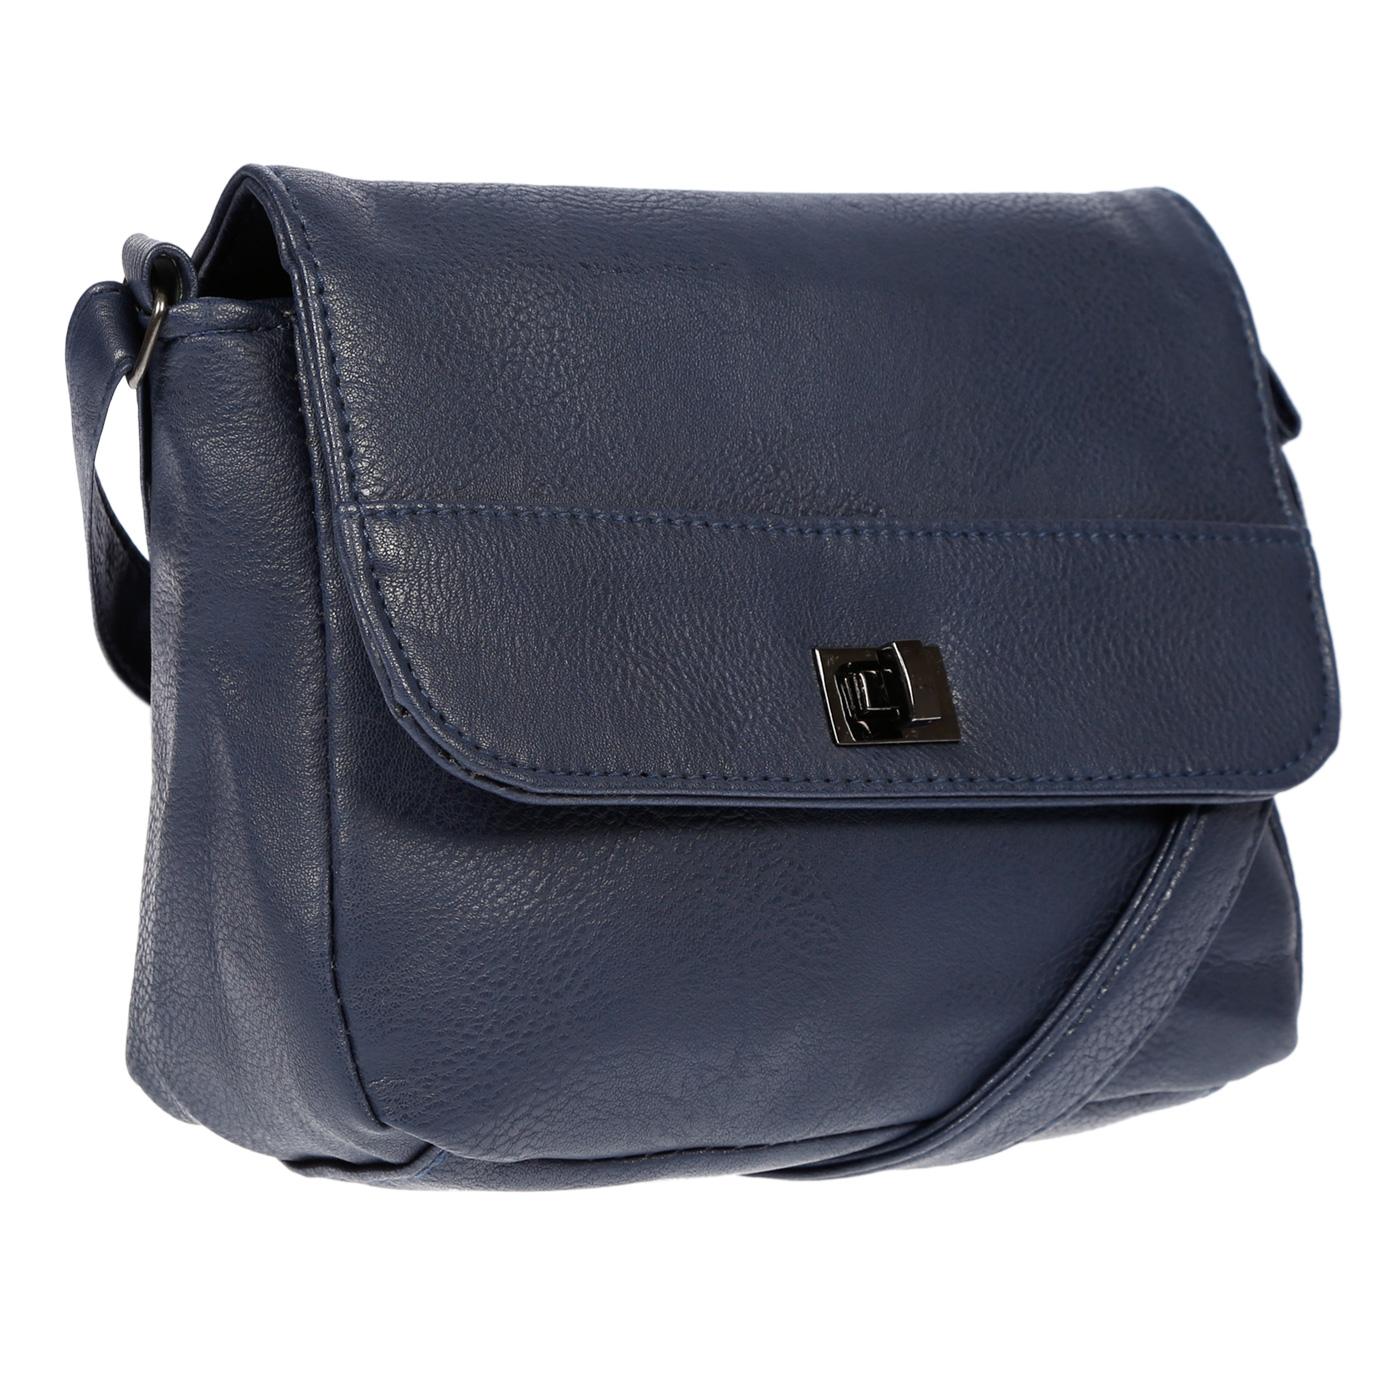 Kleine-Damen-Tasche-Umhaengetasche-Schultertasche-Crossover-Bag-Leder-Optik-NEU Indexbild 38